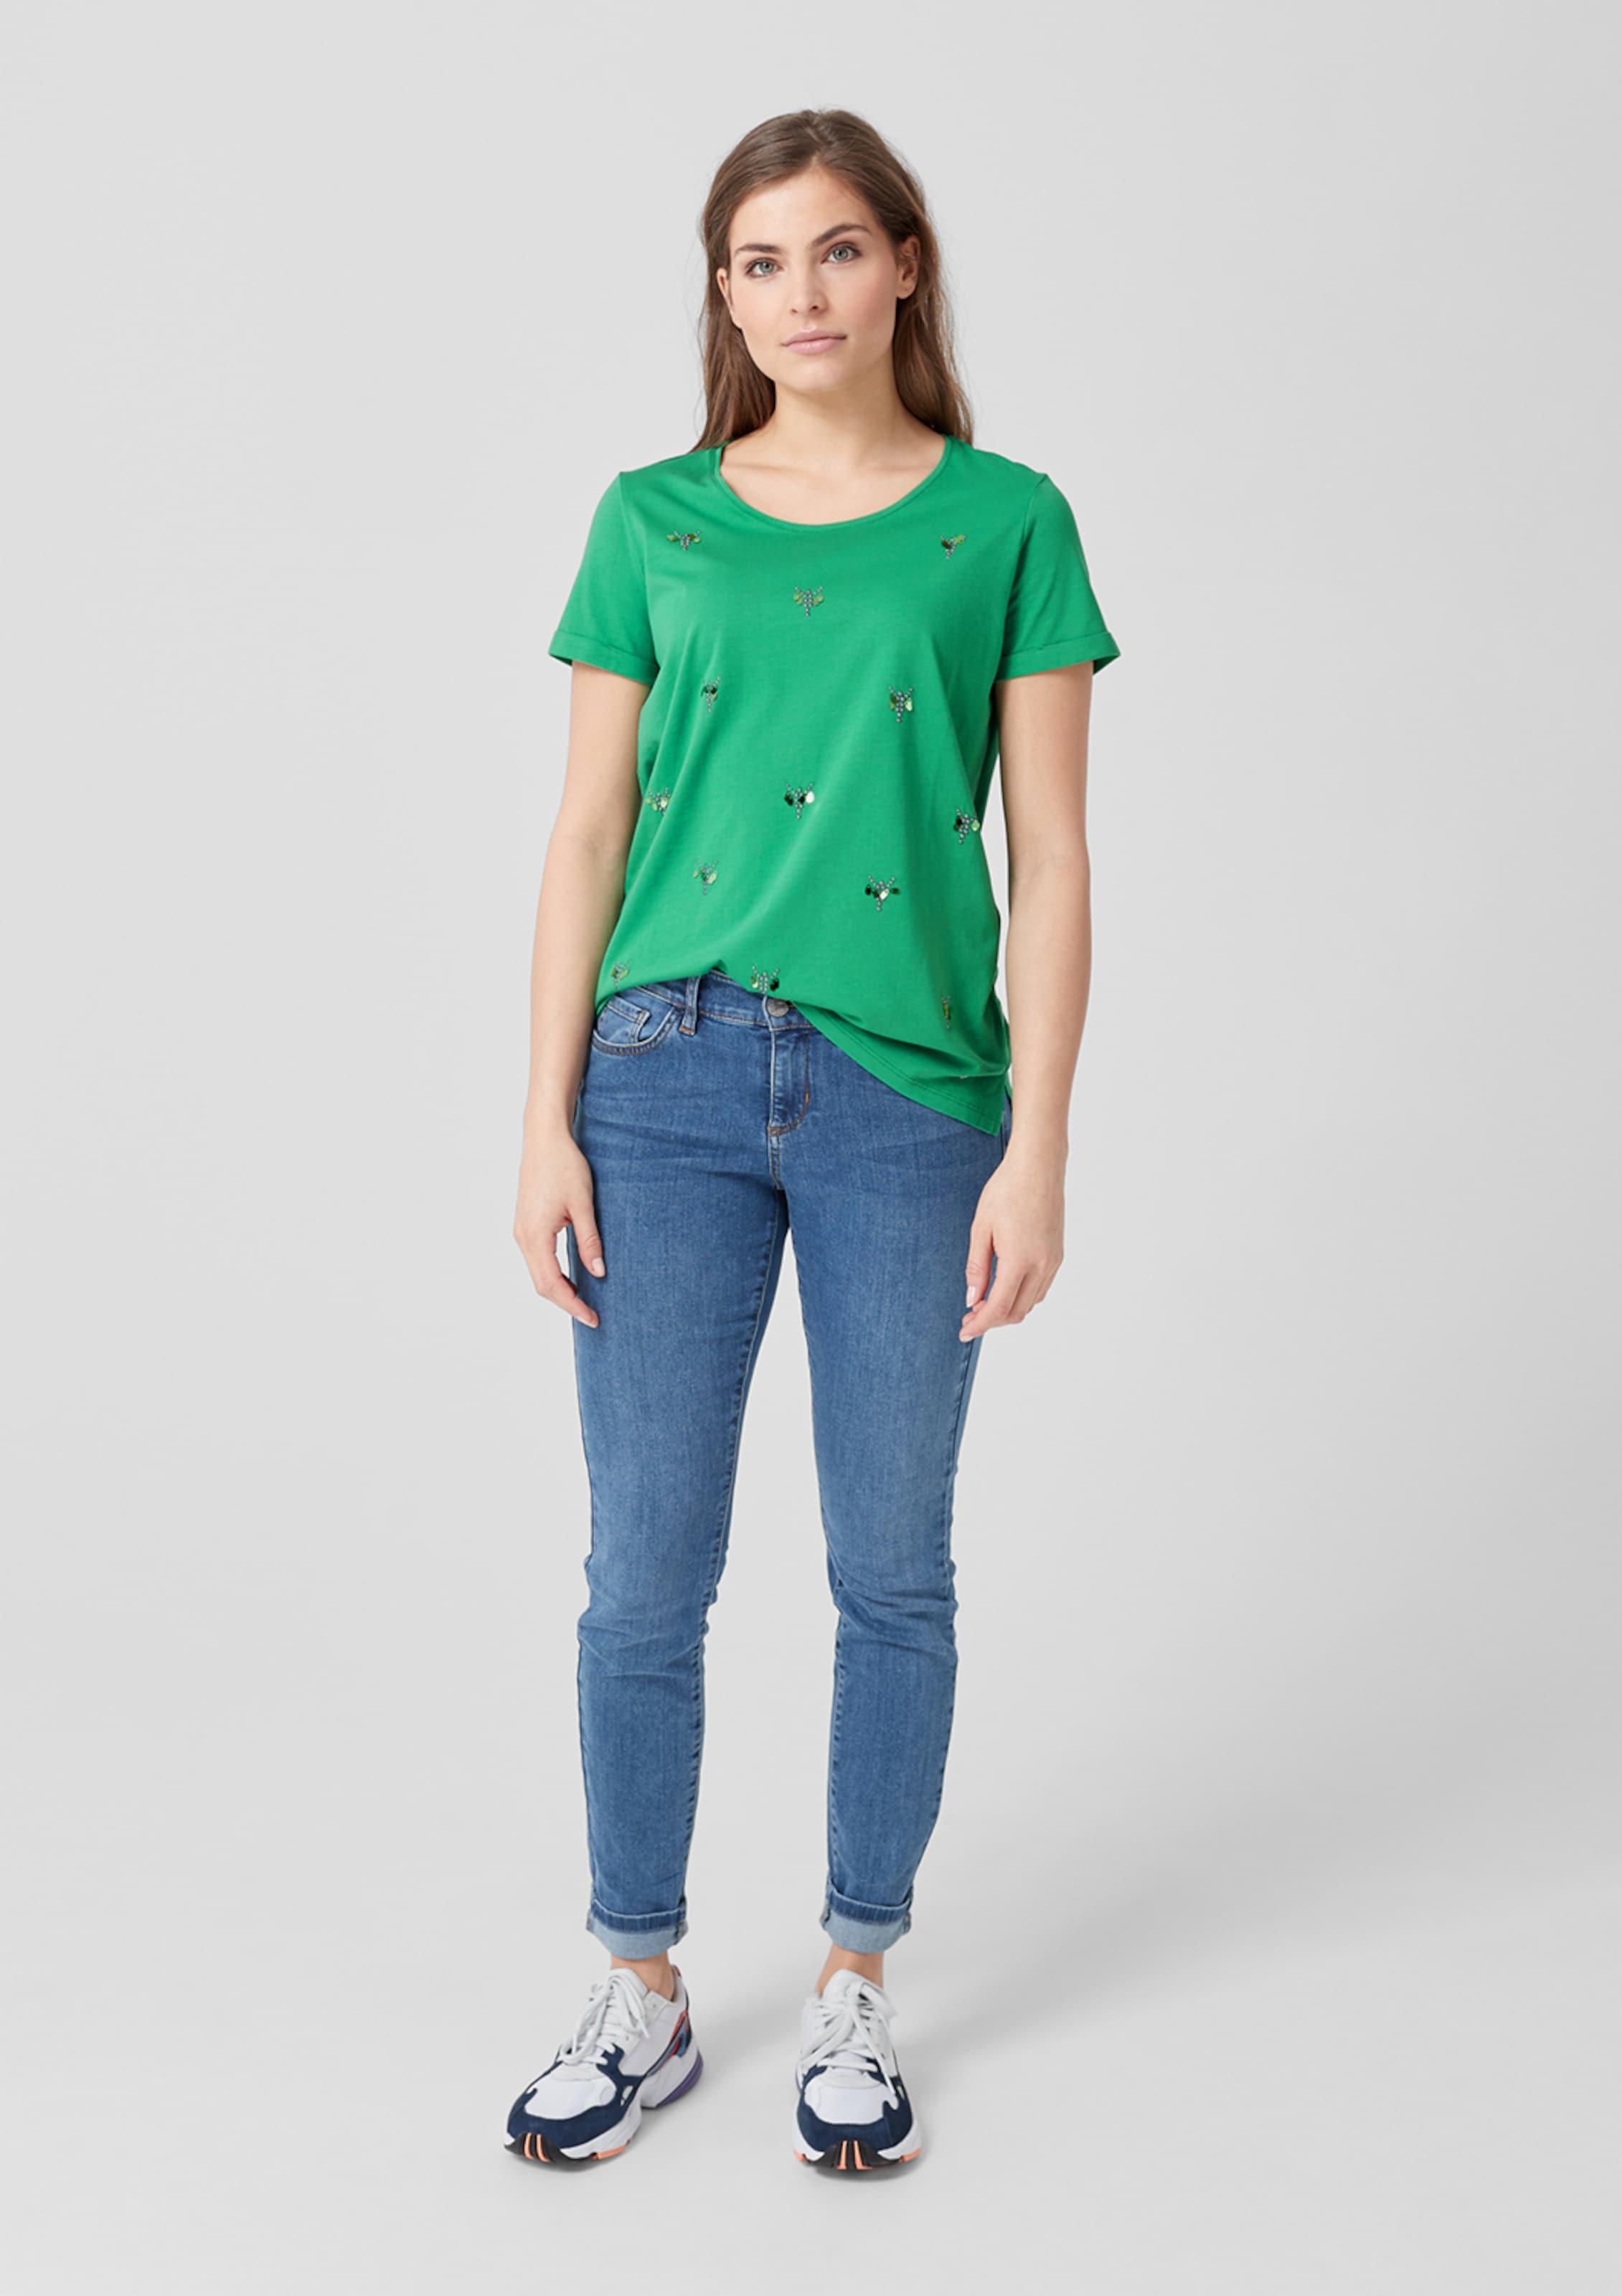 Triangle shirt En Vert Triangle T T T shirt Triangle En Vert shirt MSLUpGjzVq